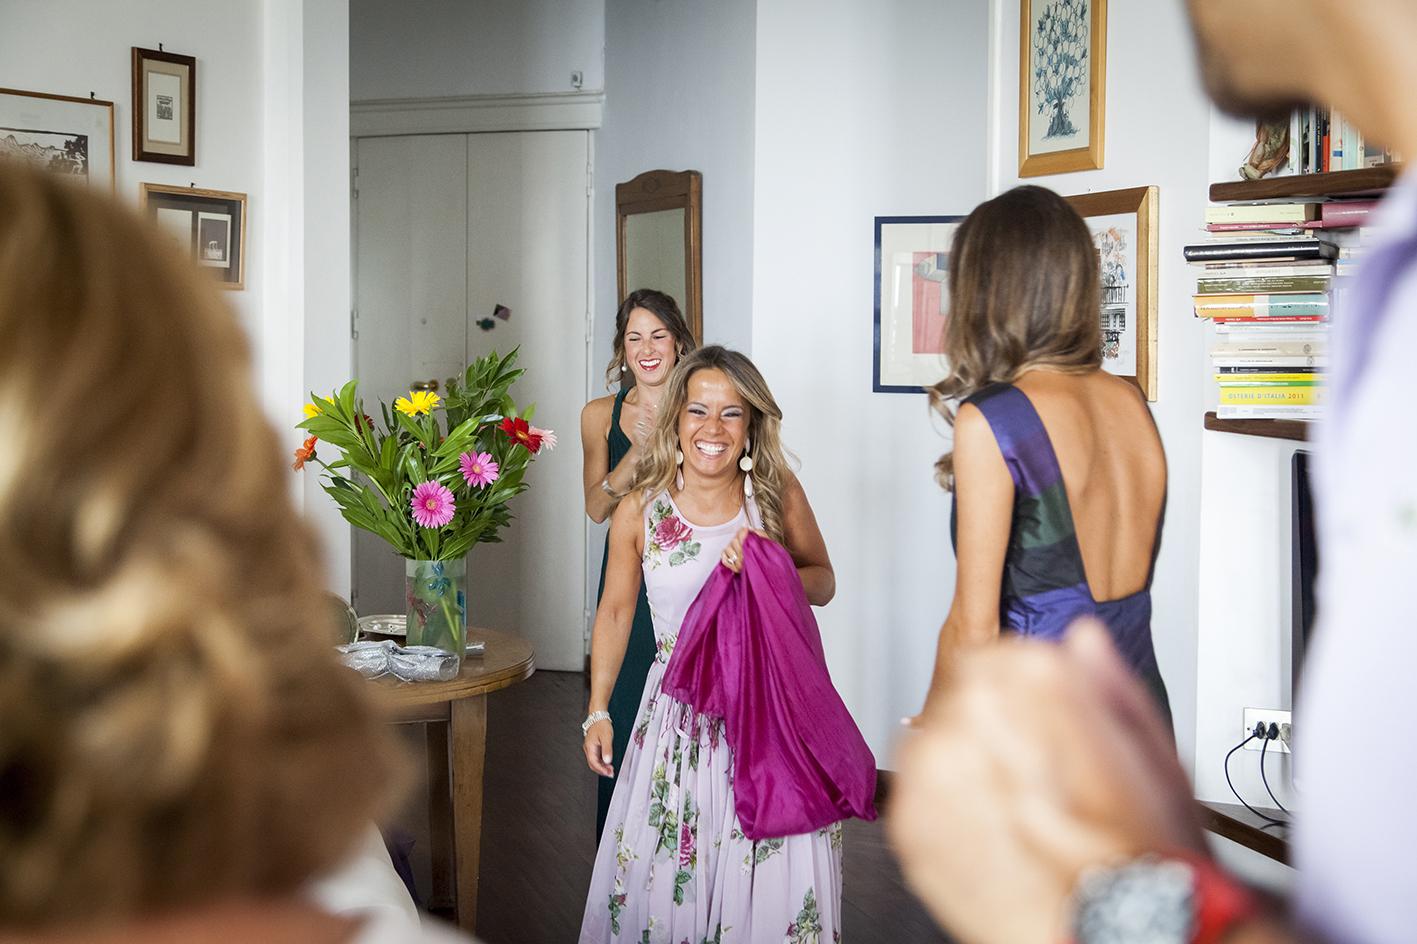 Amici e parenti a casa degli sposi prima del matrimonio, si o no?